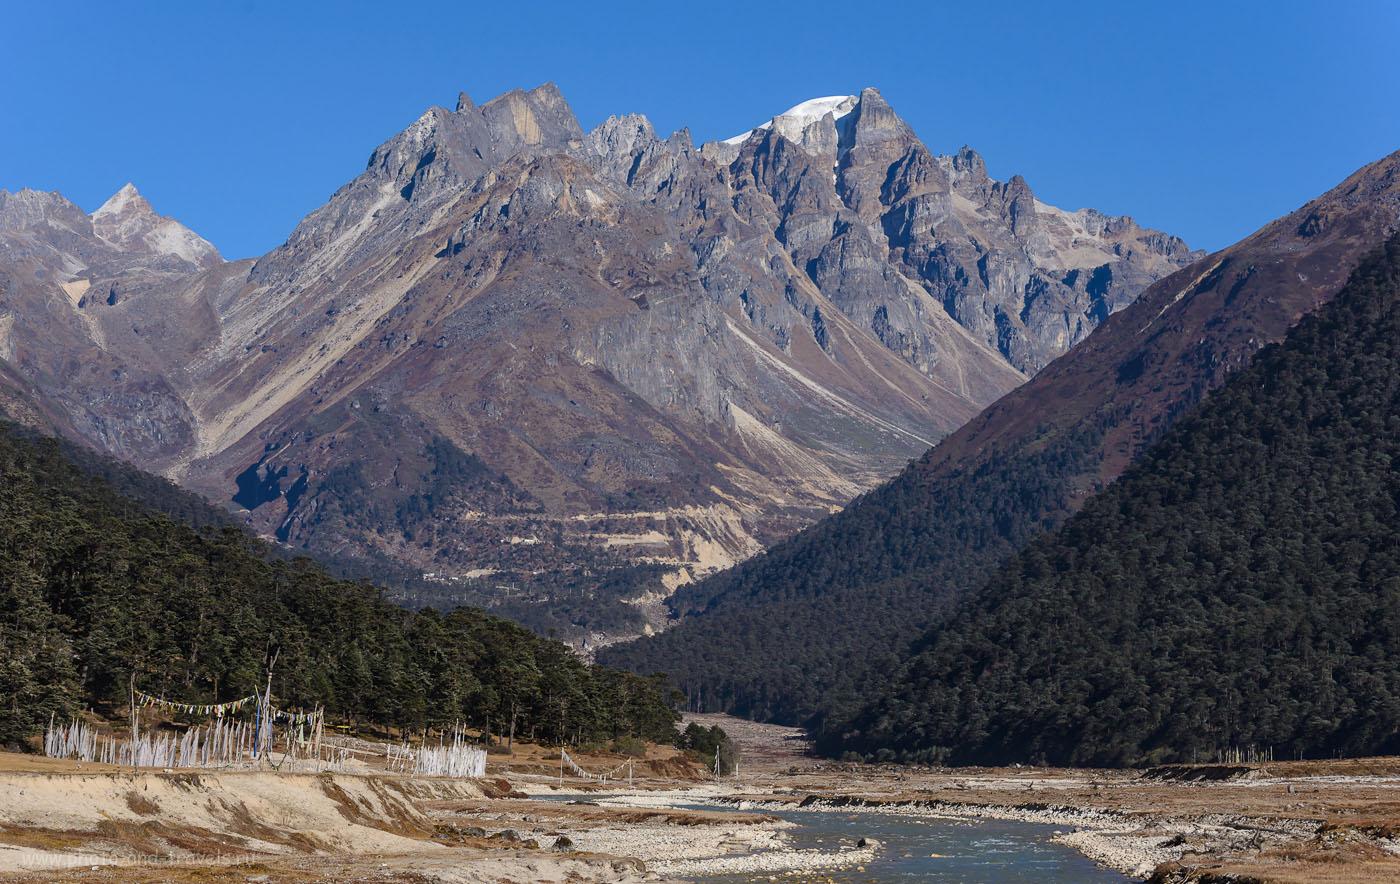 26. Вот они – Гималаи! Отчет о путешествии по северо-востоку Индии. Поездка по штату Сикким. Телеобъектив Nikon 70-300. Параметры съемки: 8.0, 1/500, 160, -0.3EV, 92.